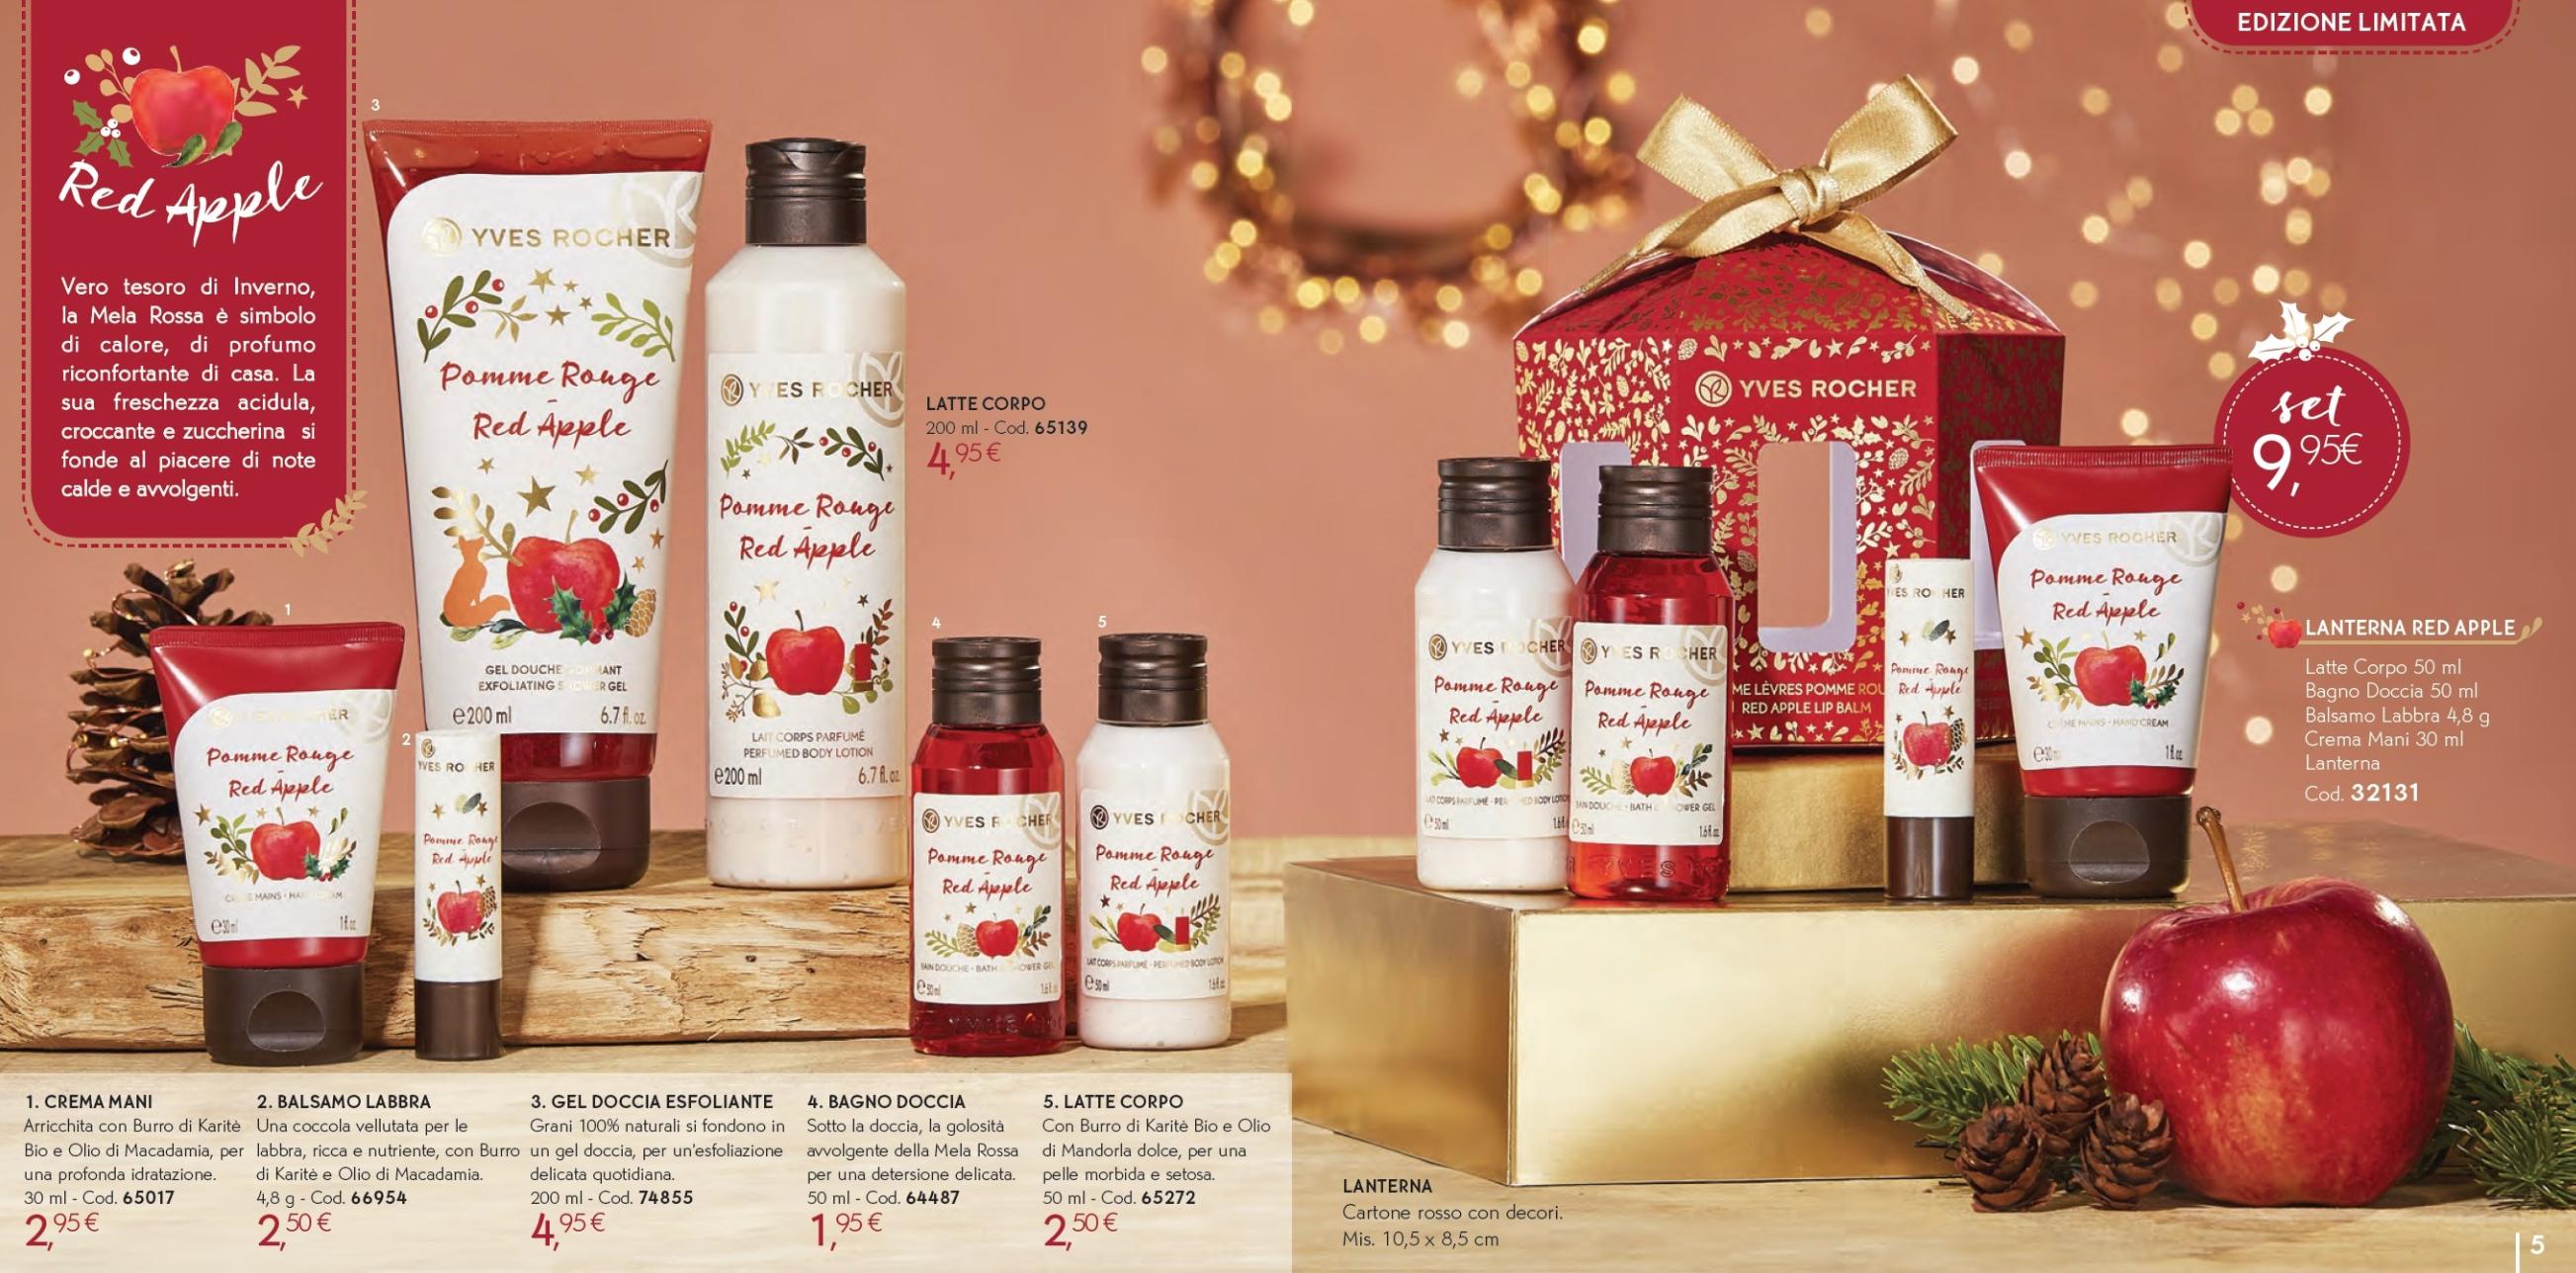 Il Natale Yves Rocher - Idee regalo, cofanetti, info, review, recensione, prezzo, cestini - Red Apple 1